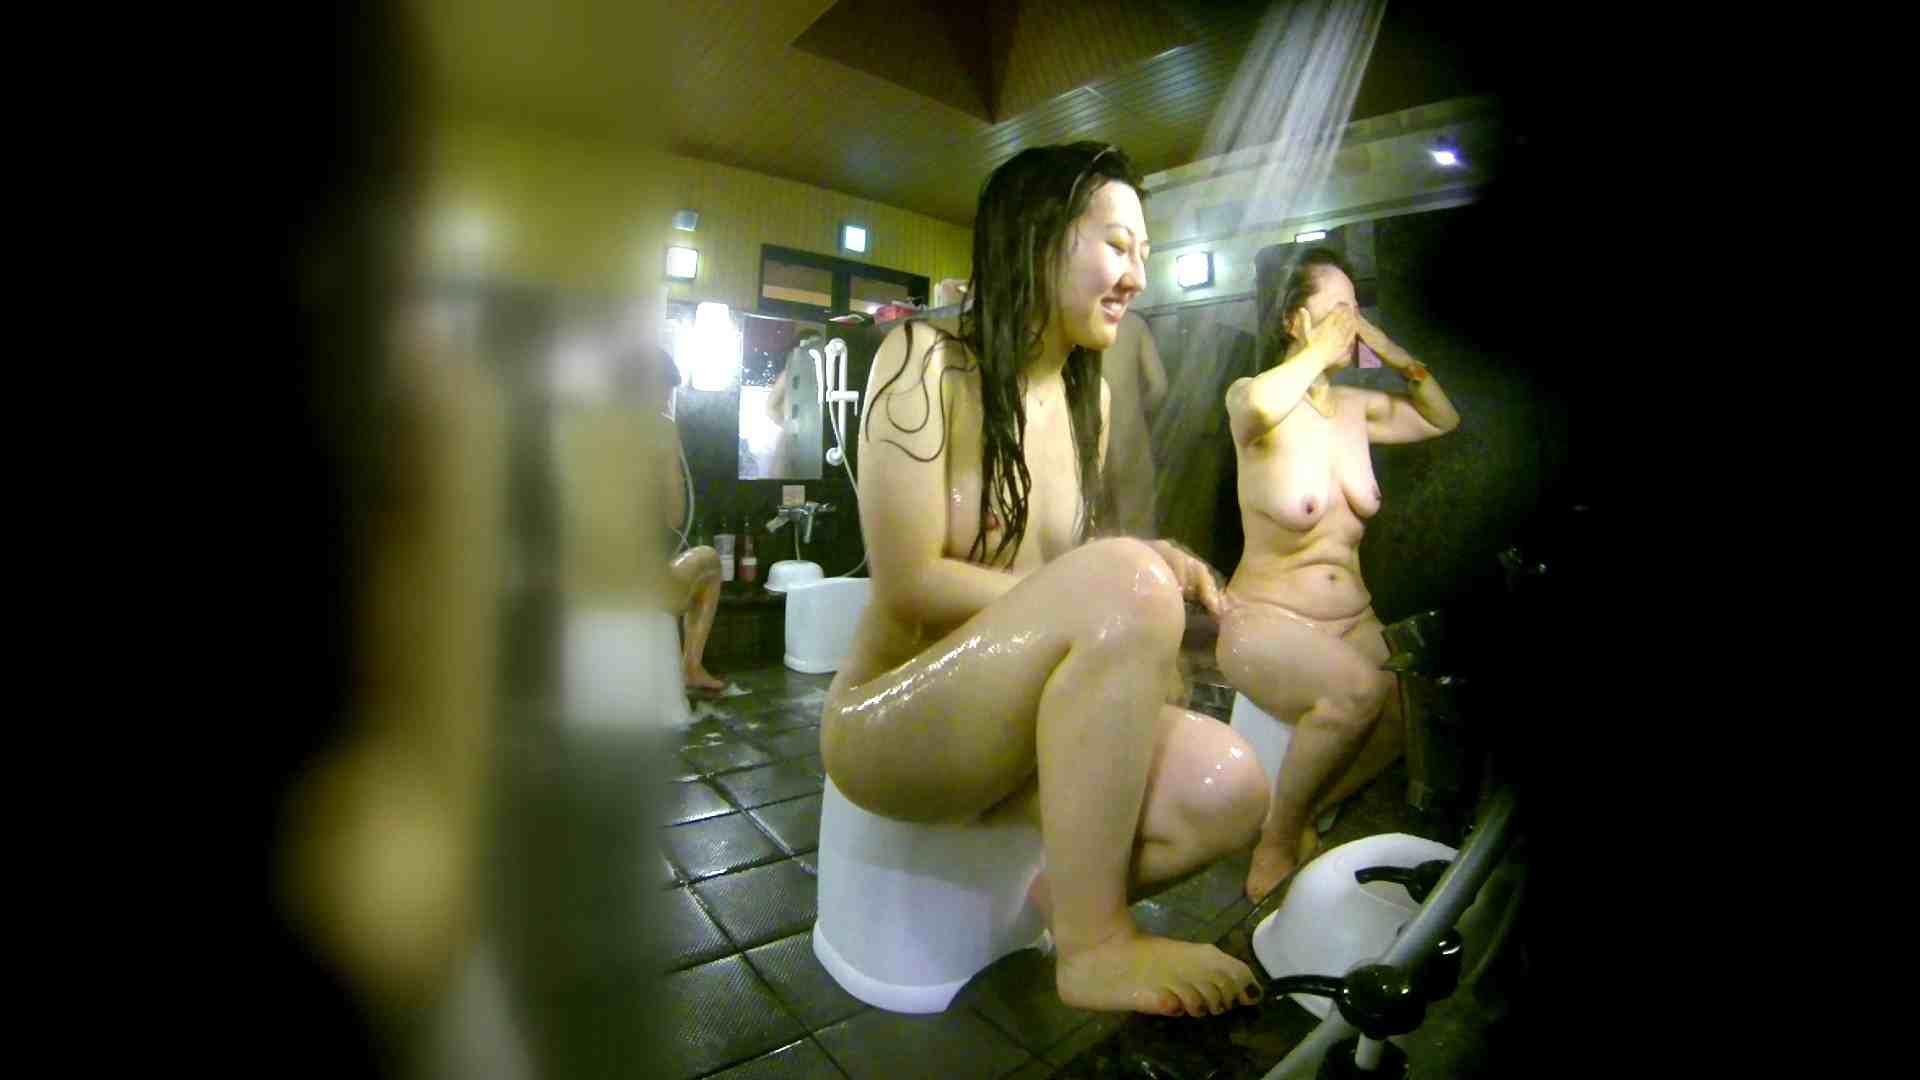 洗い場!右足の位置がいいですね。陰毛もっさり! 潜入 おまんこ動画流出 113pic 44